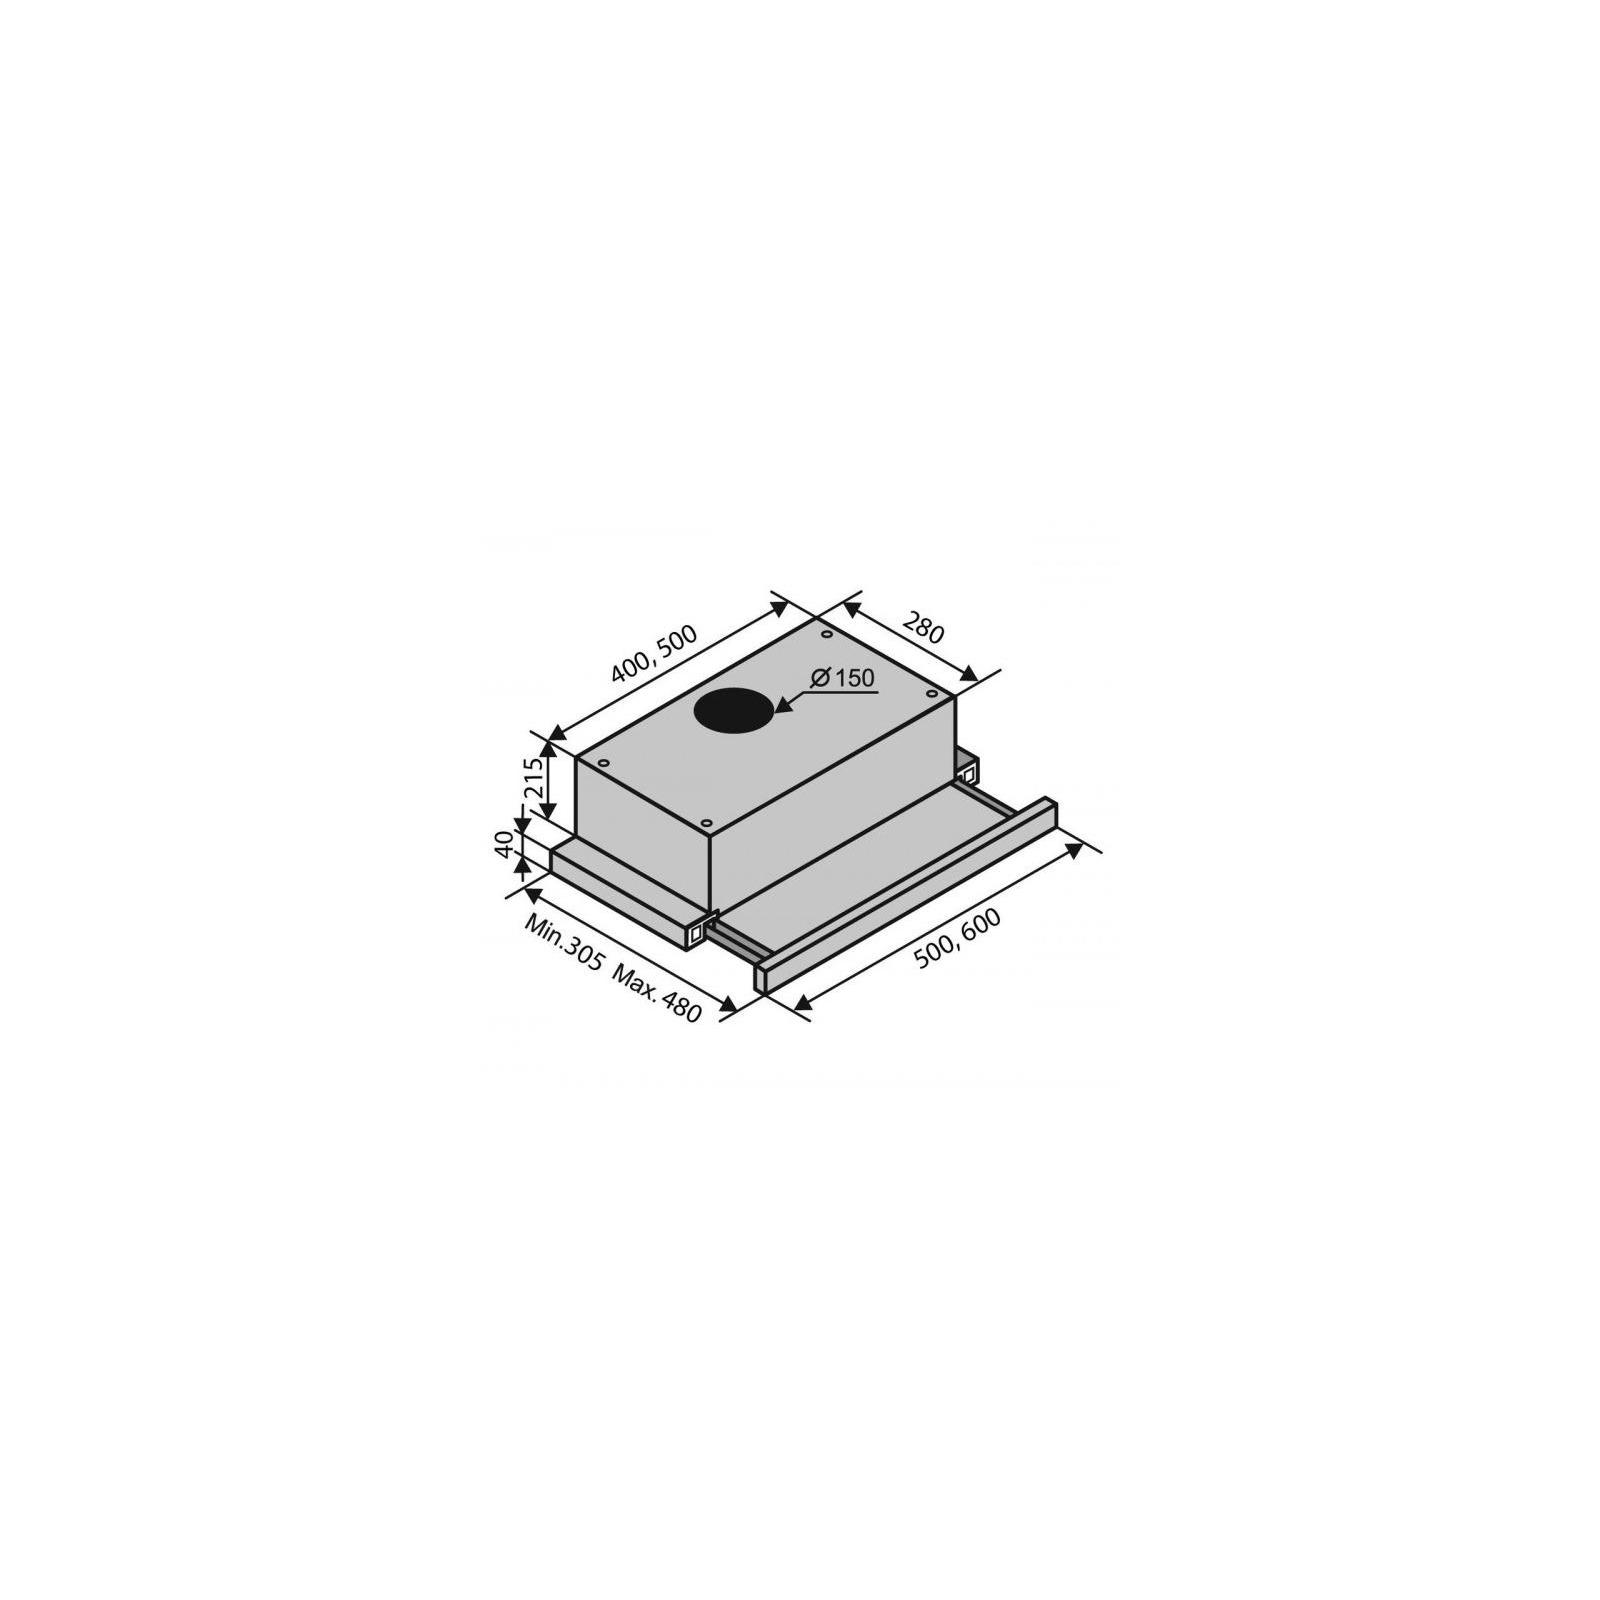 Вытяжка кухонная VENTOLUX GARDA 60 INOX (1000) EU изображение 6